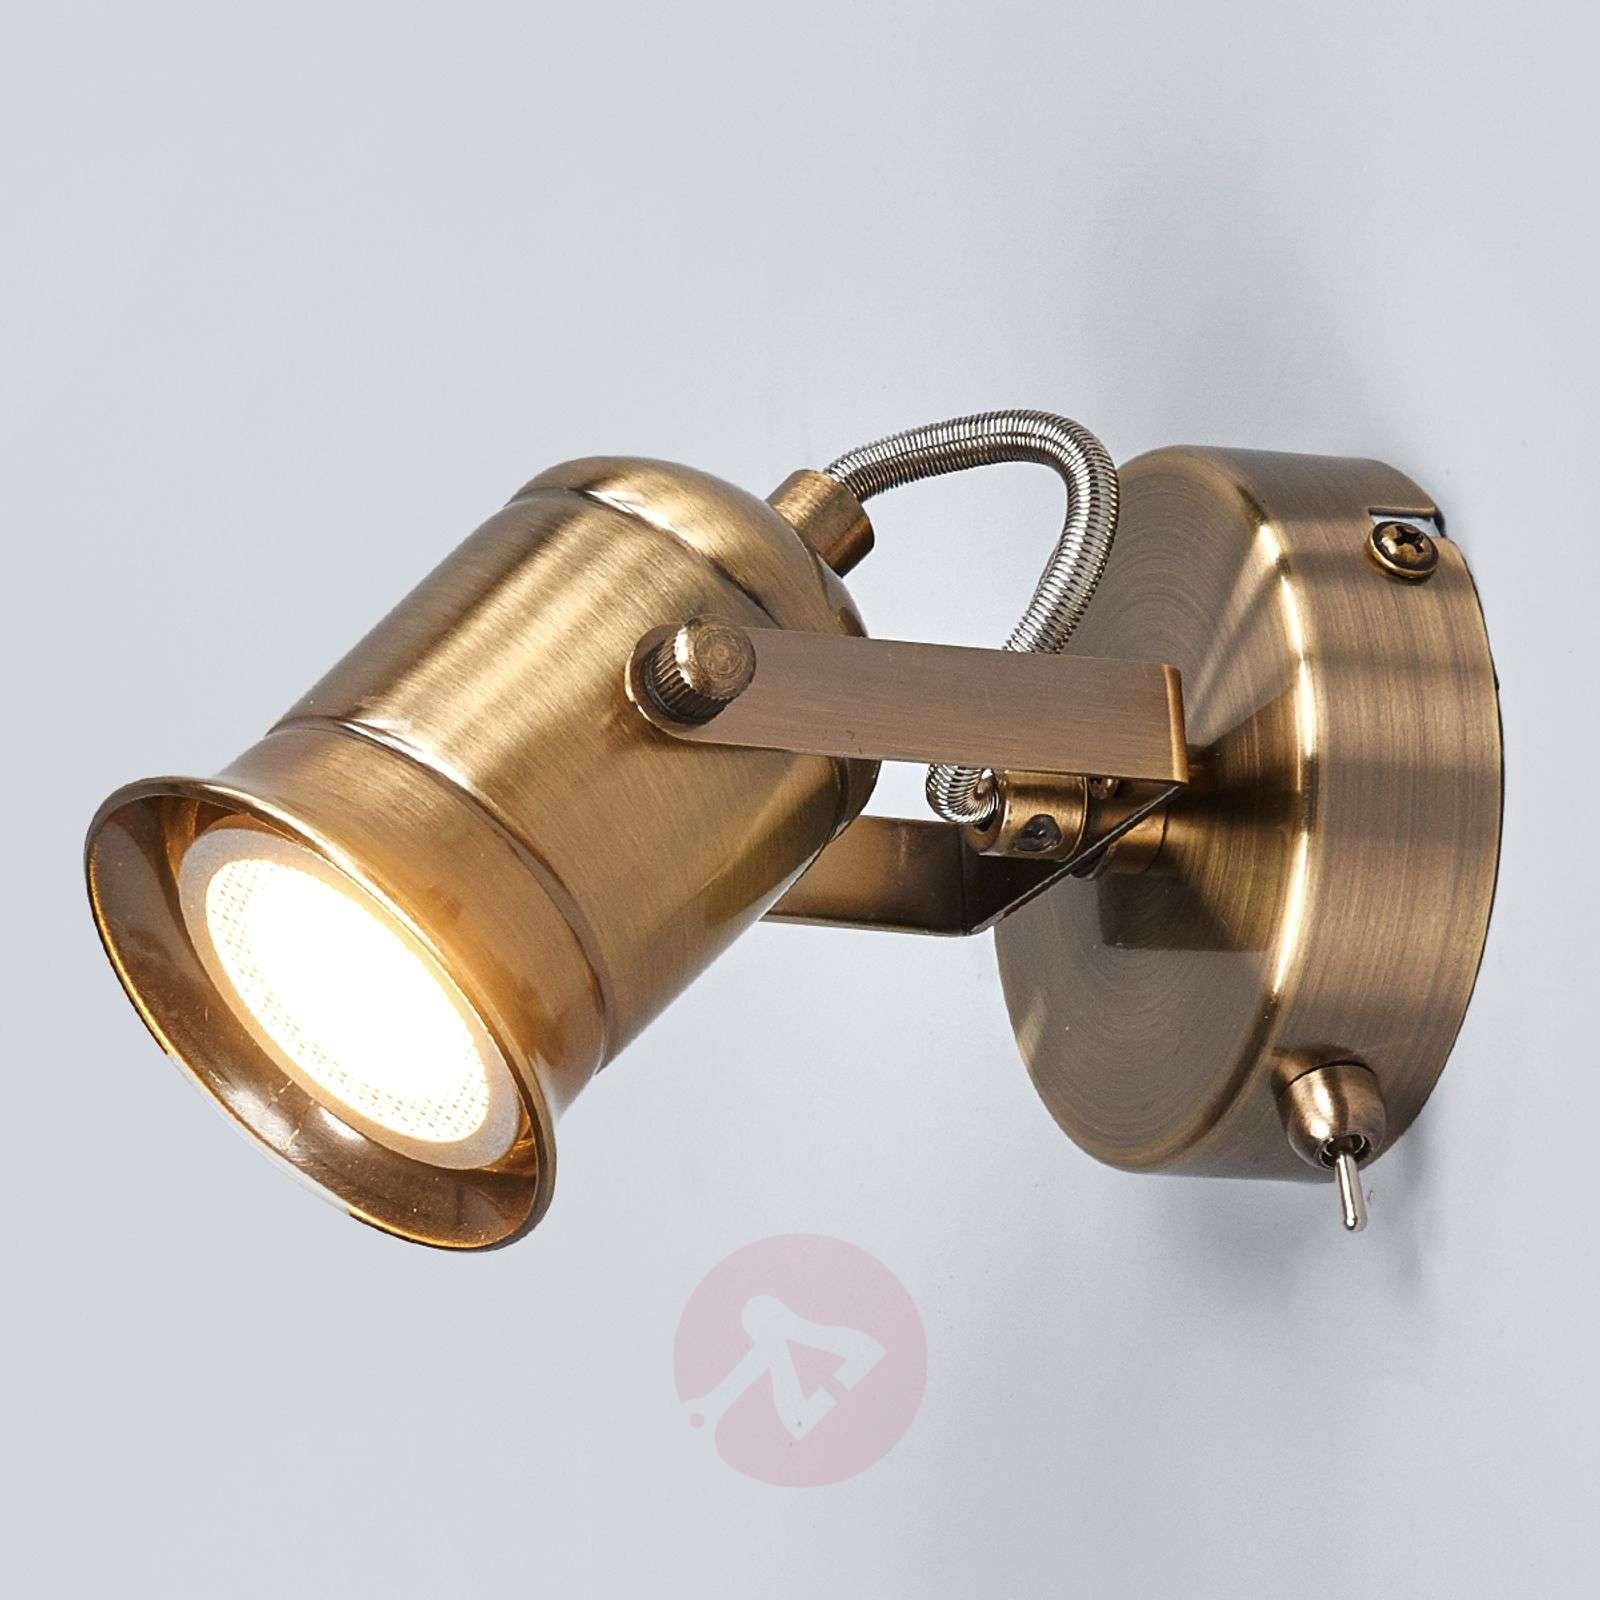 Rustic GU10 spotlight Marlis, antique brass-9634033-09